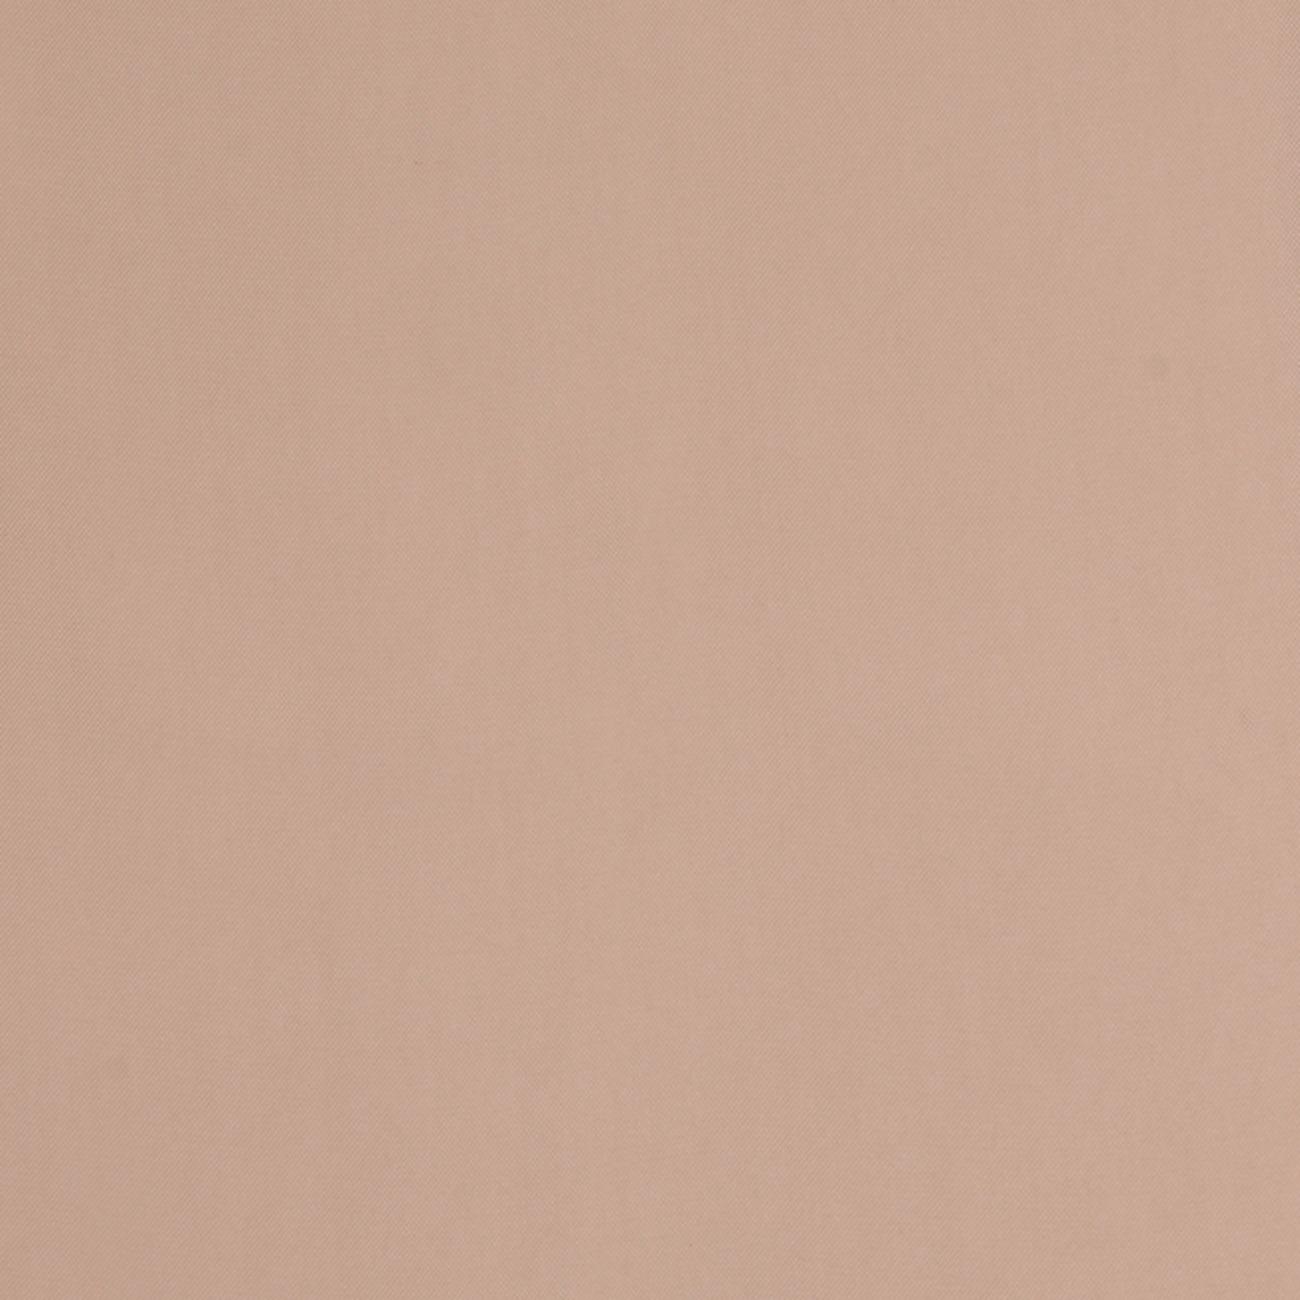 期货 素色平纹外套风衣柔软棉感 春夏秋 连衣裙 衬衣 61219-70